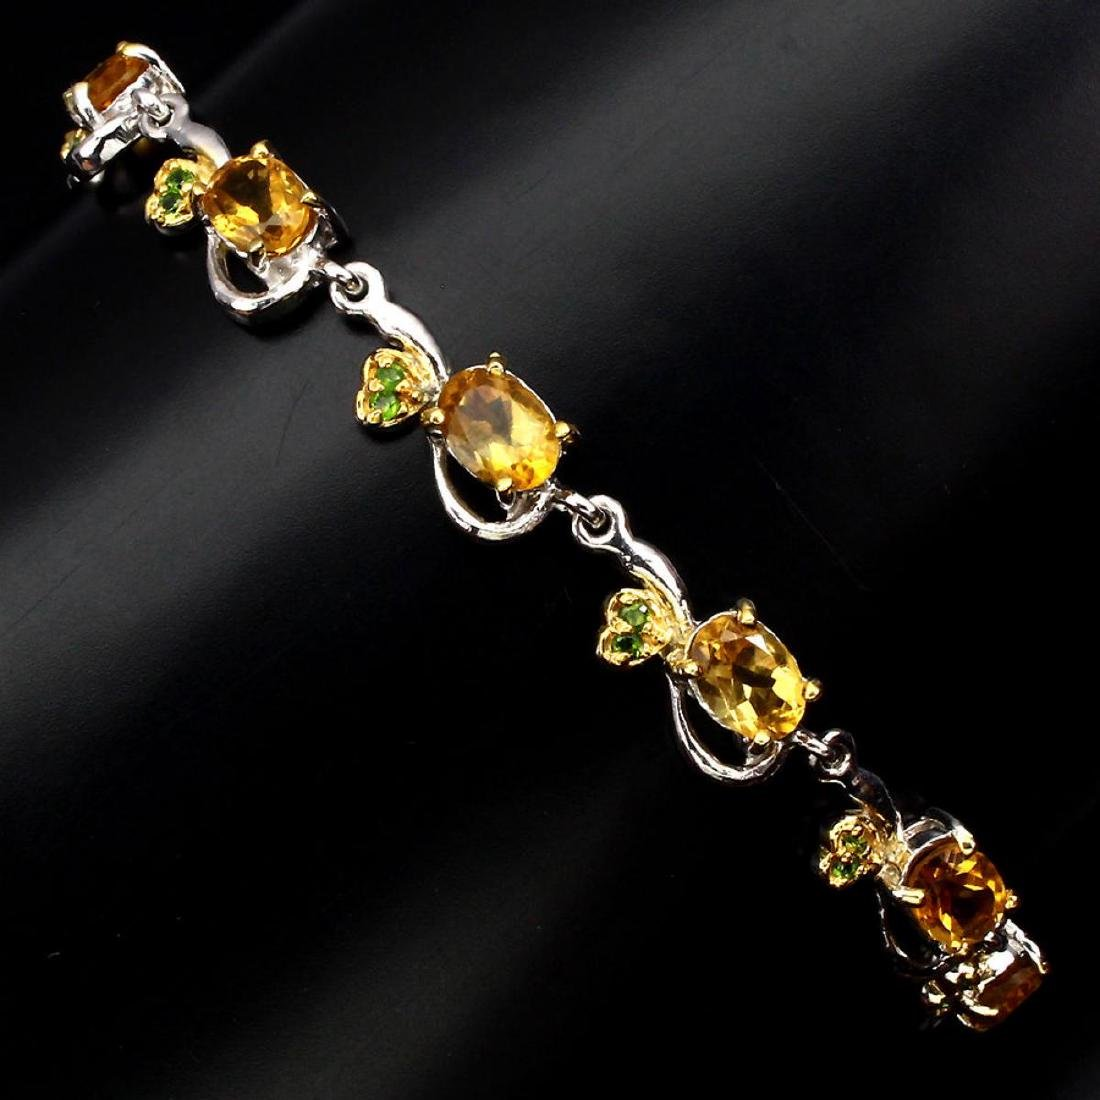 Natural Oval Citrine Chrome Diopside 65 Carats Bracelet - 3